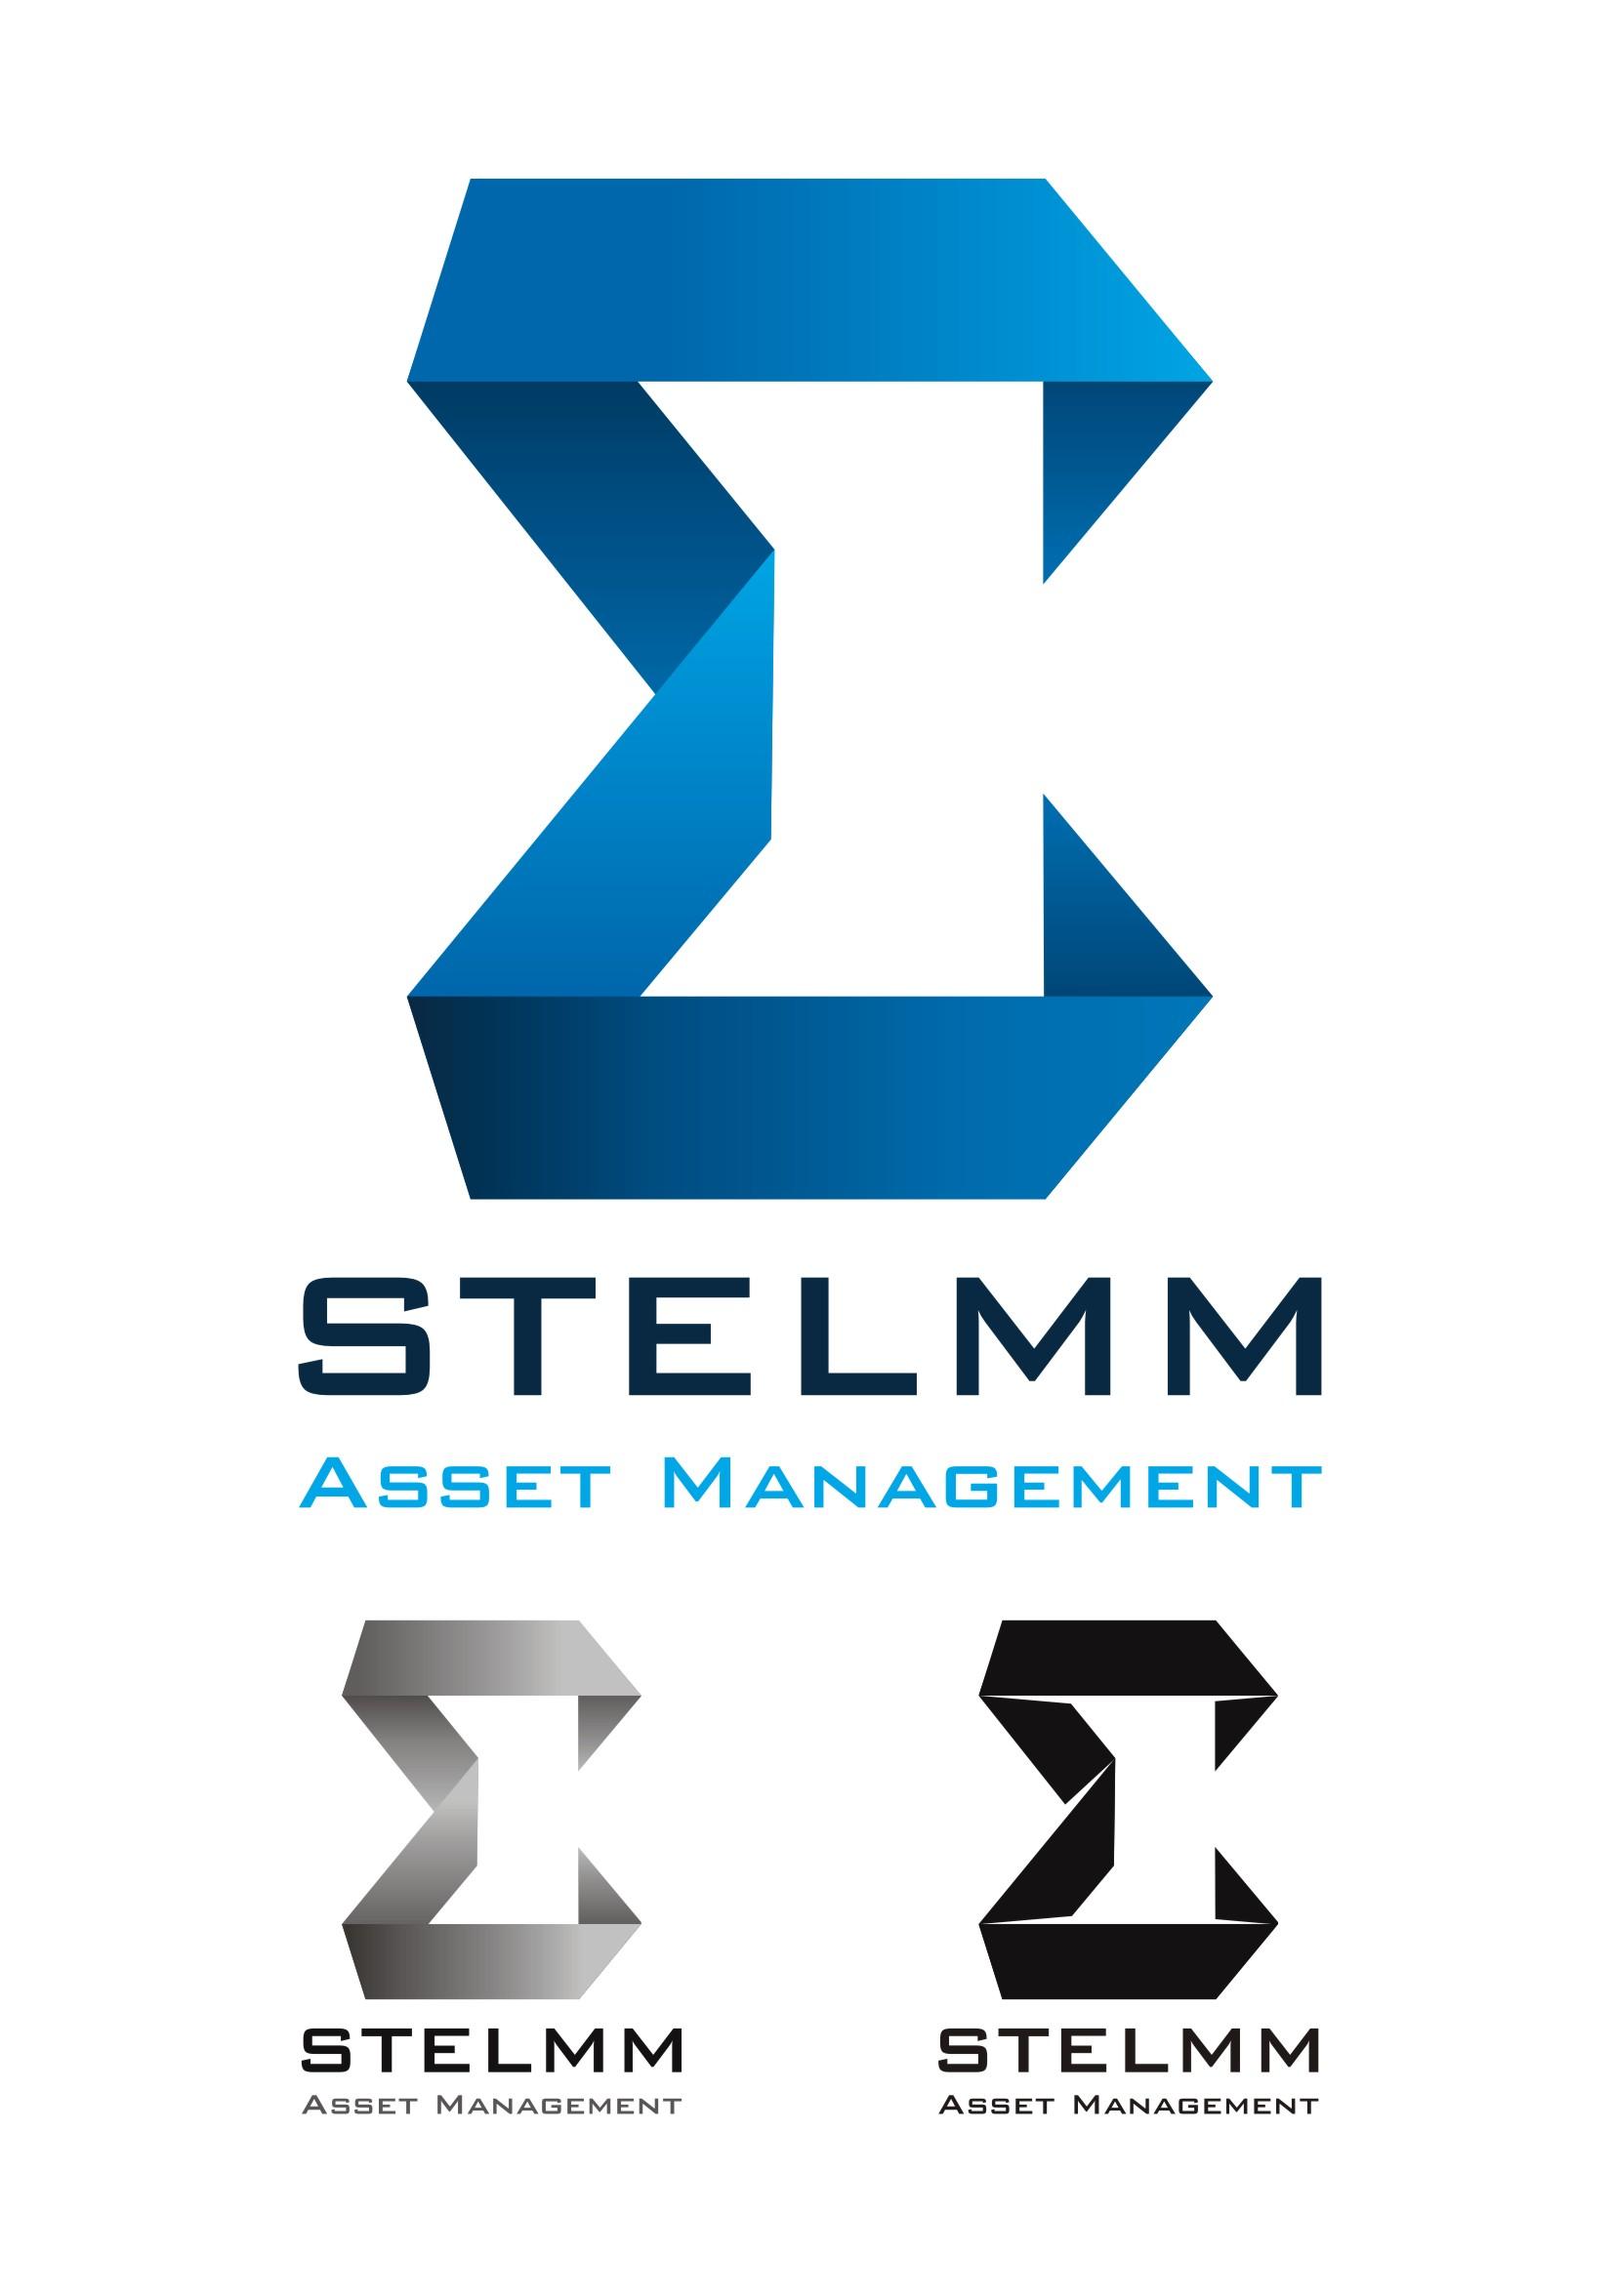 Logo Design by pixeljuice for Logo design for STELMM - Design #9026